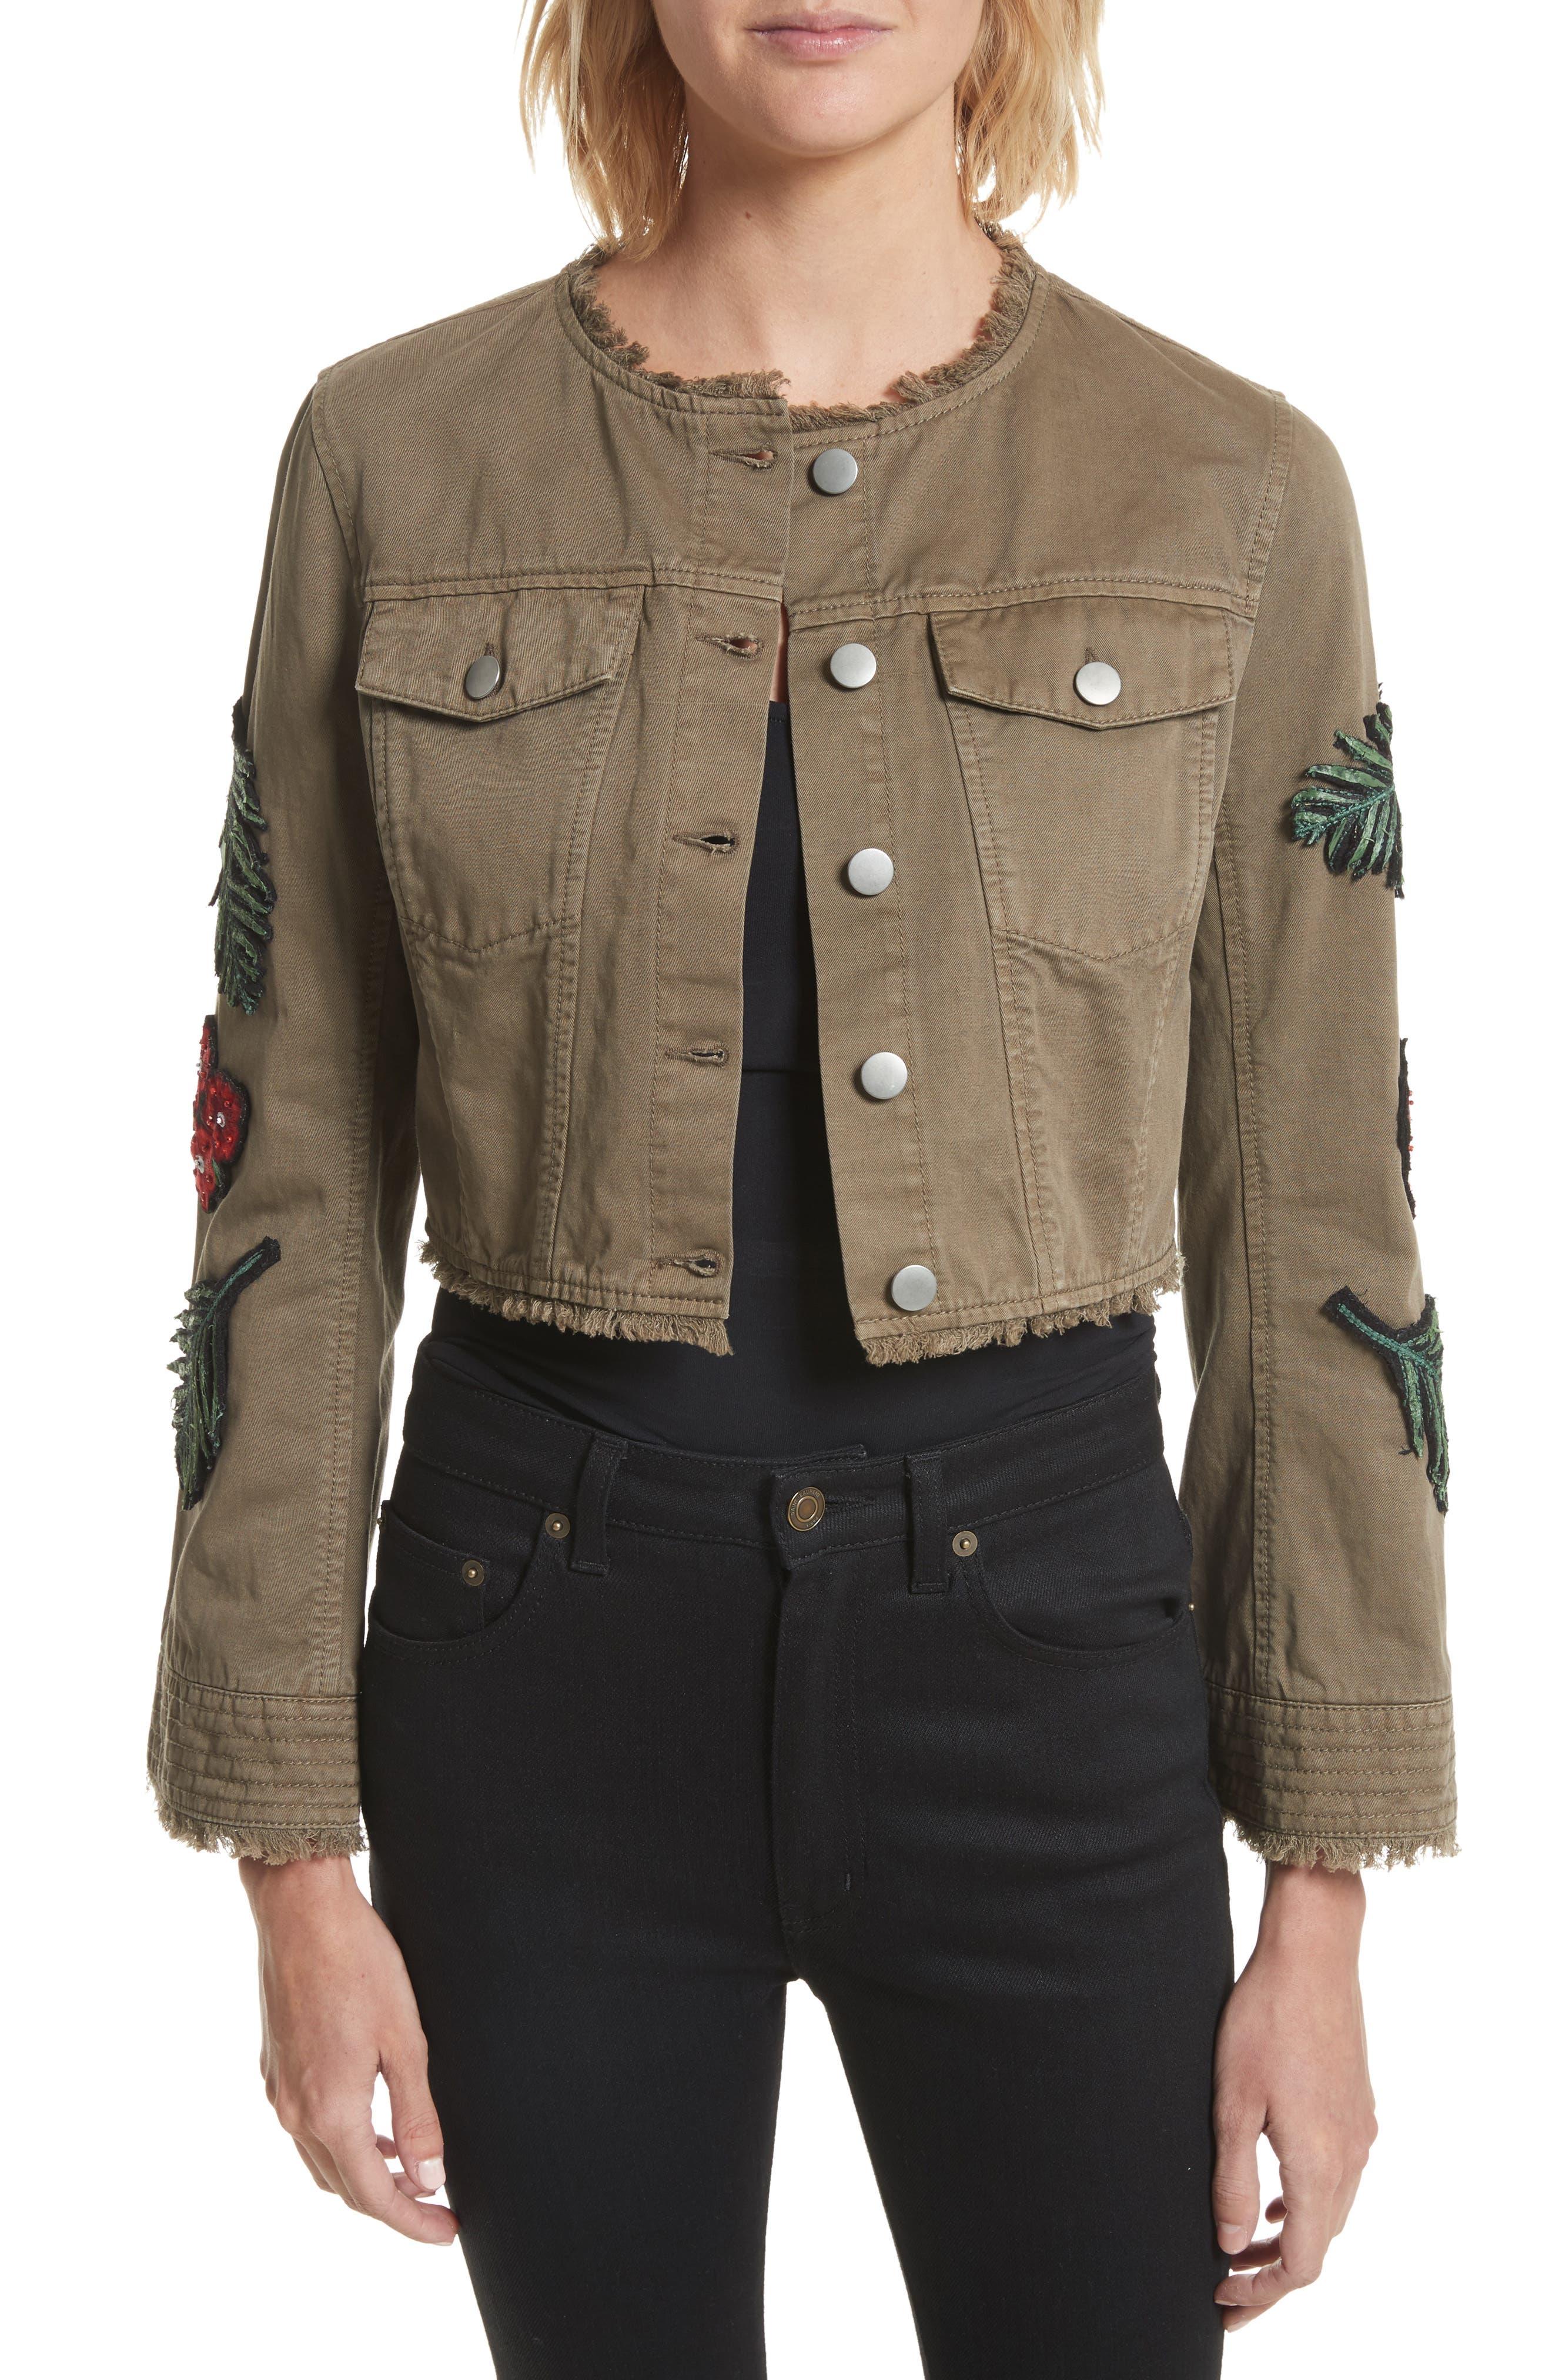 Main Image - Cinq à Sept Halina Embellished Crop Jacket